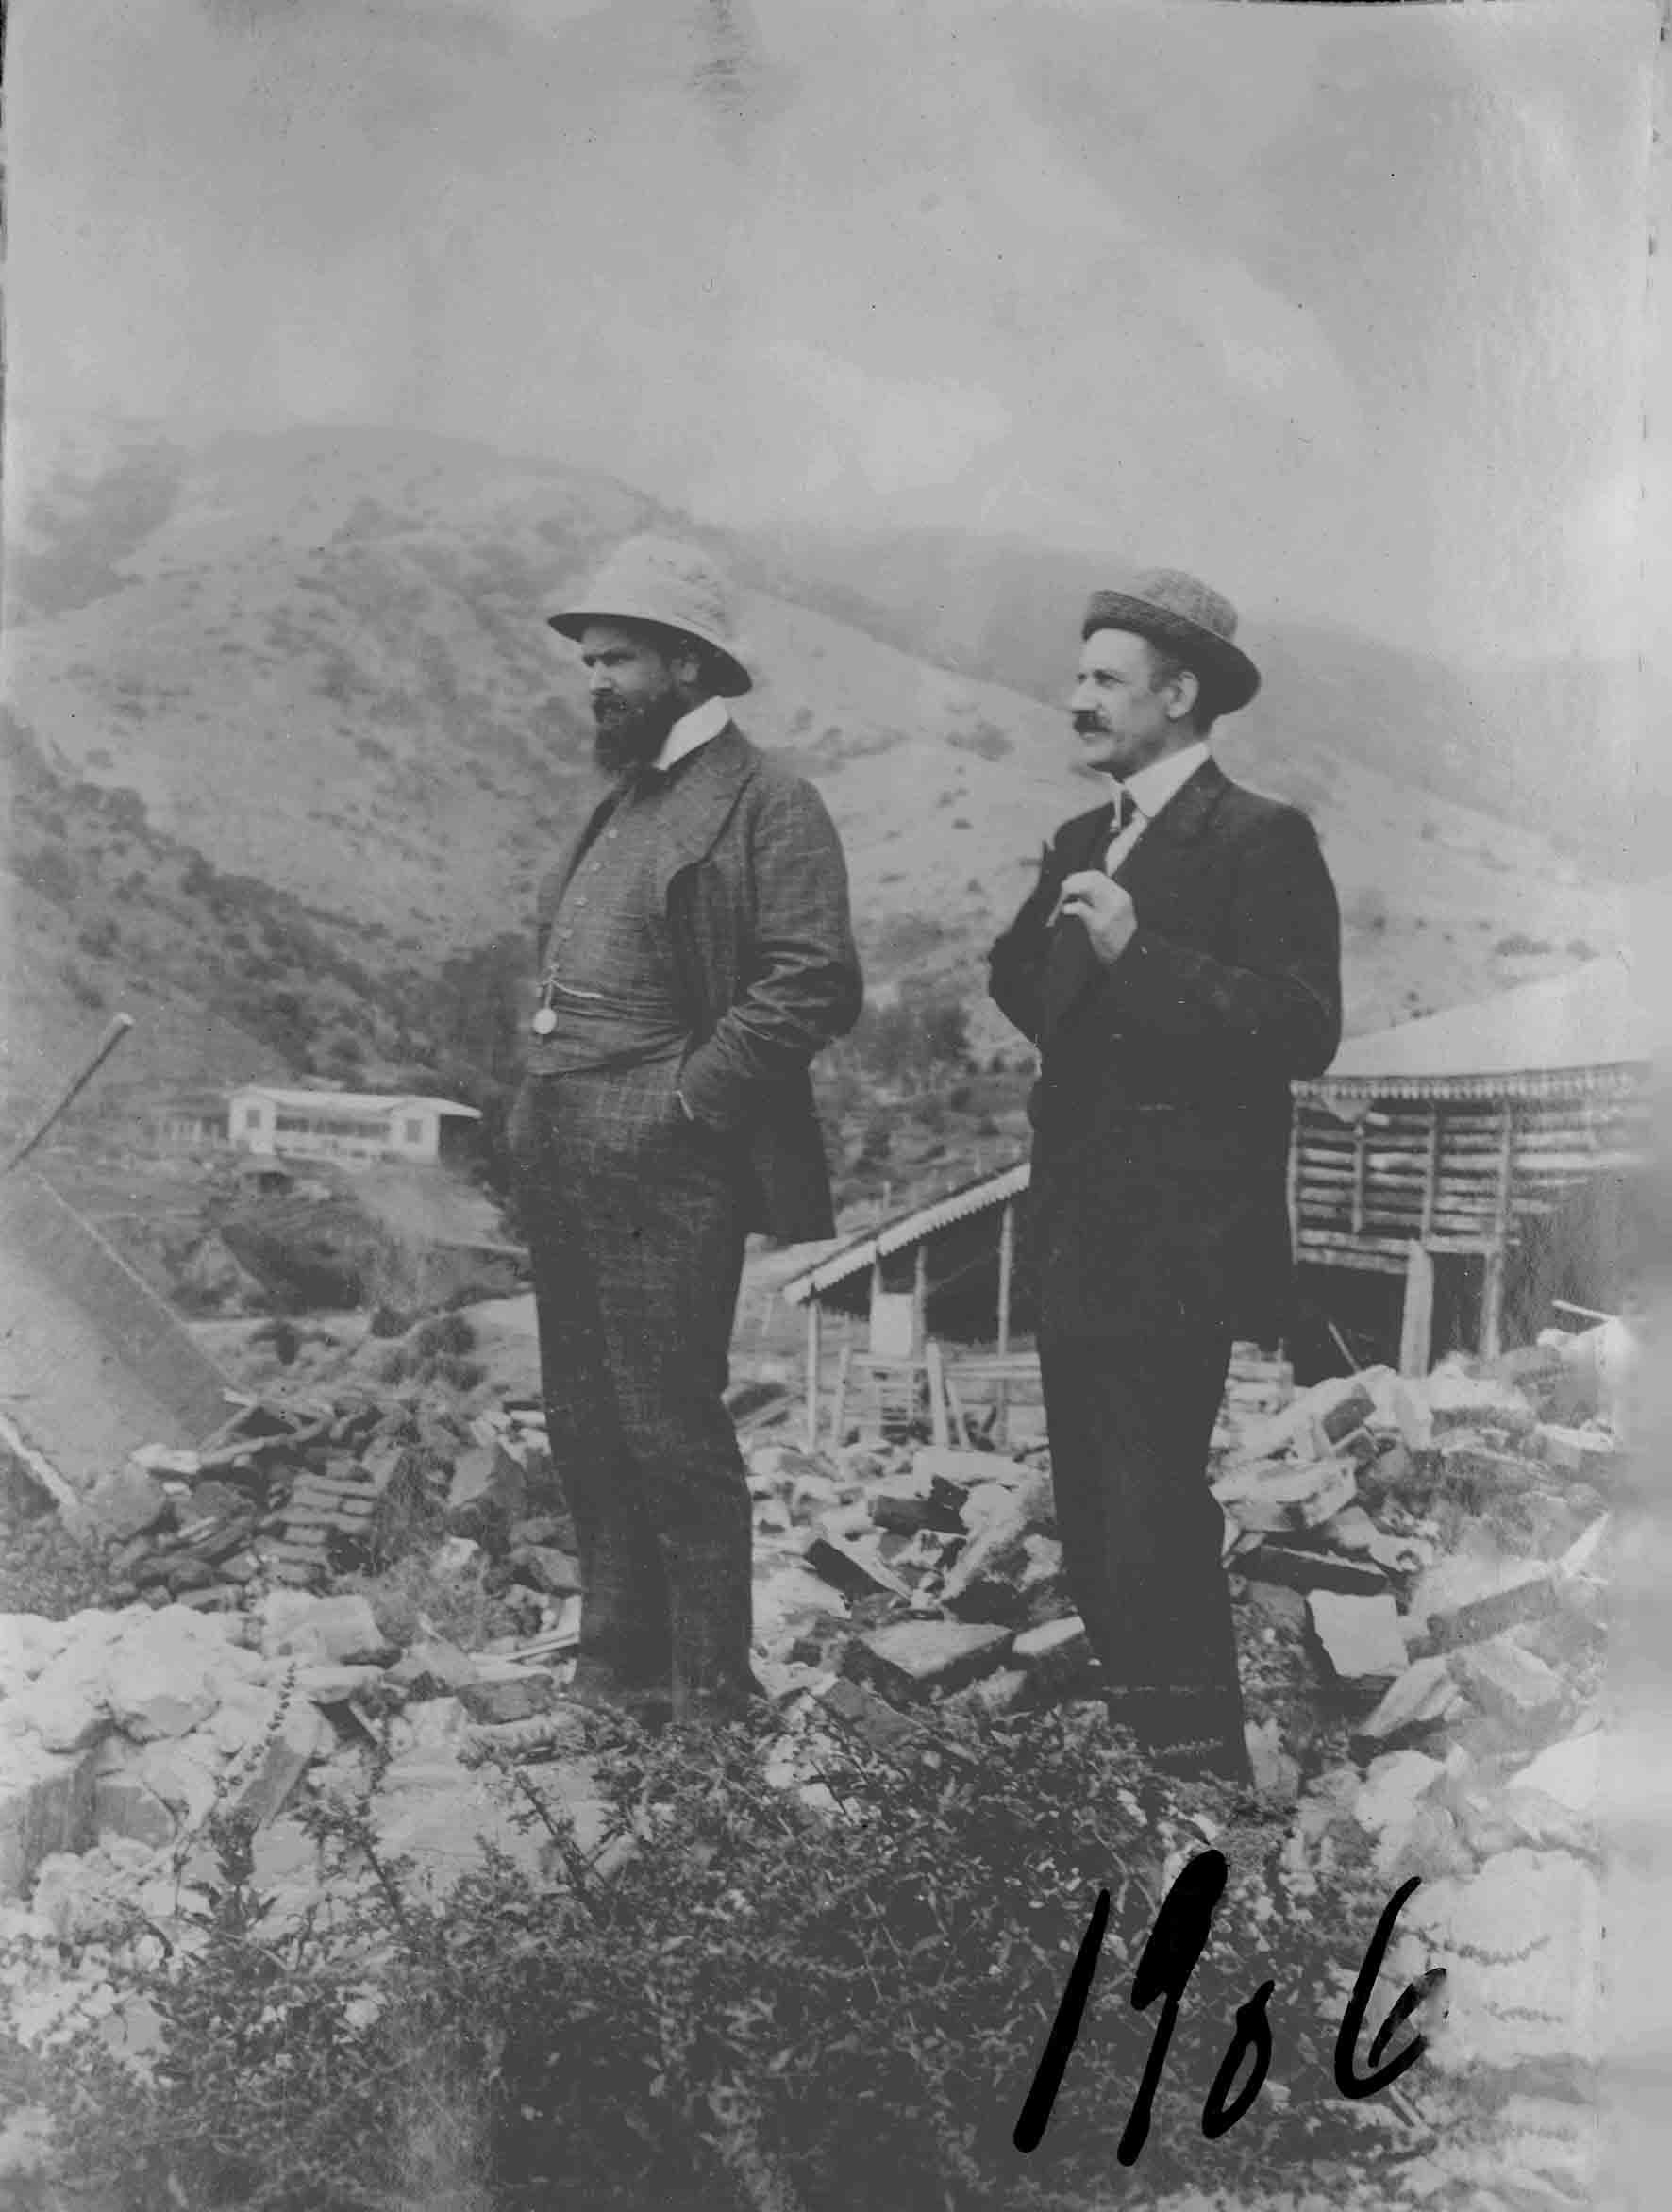 Enterreno - Fotos históricas de chile - fotos antiguas de Chile - Zapallar en 1906